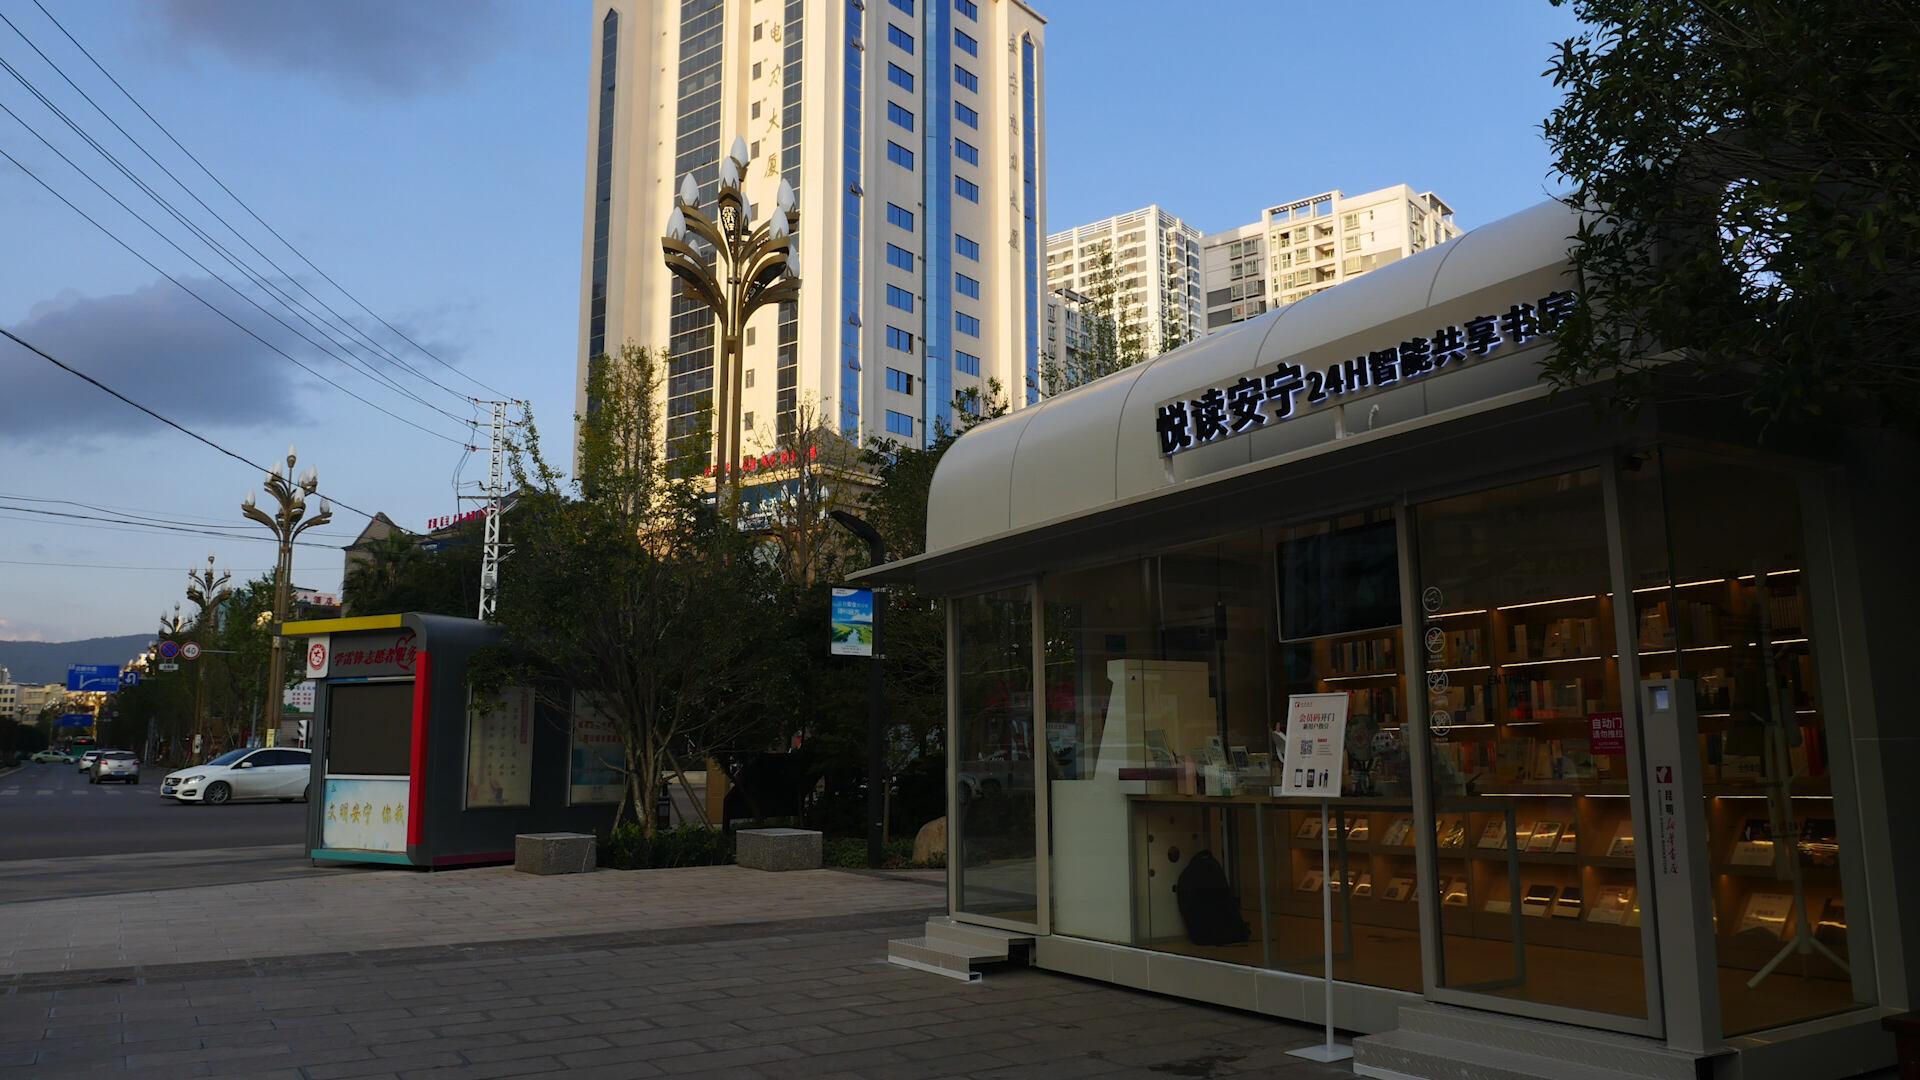 143个品种300余册!云南首家24小时共享书房落户安宁